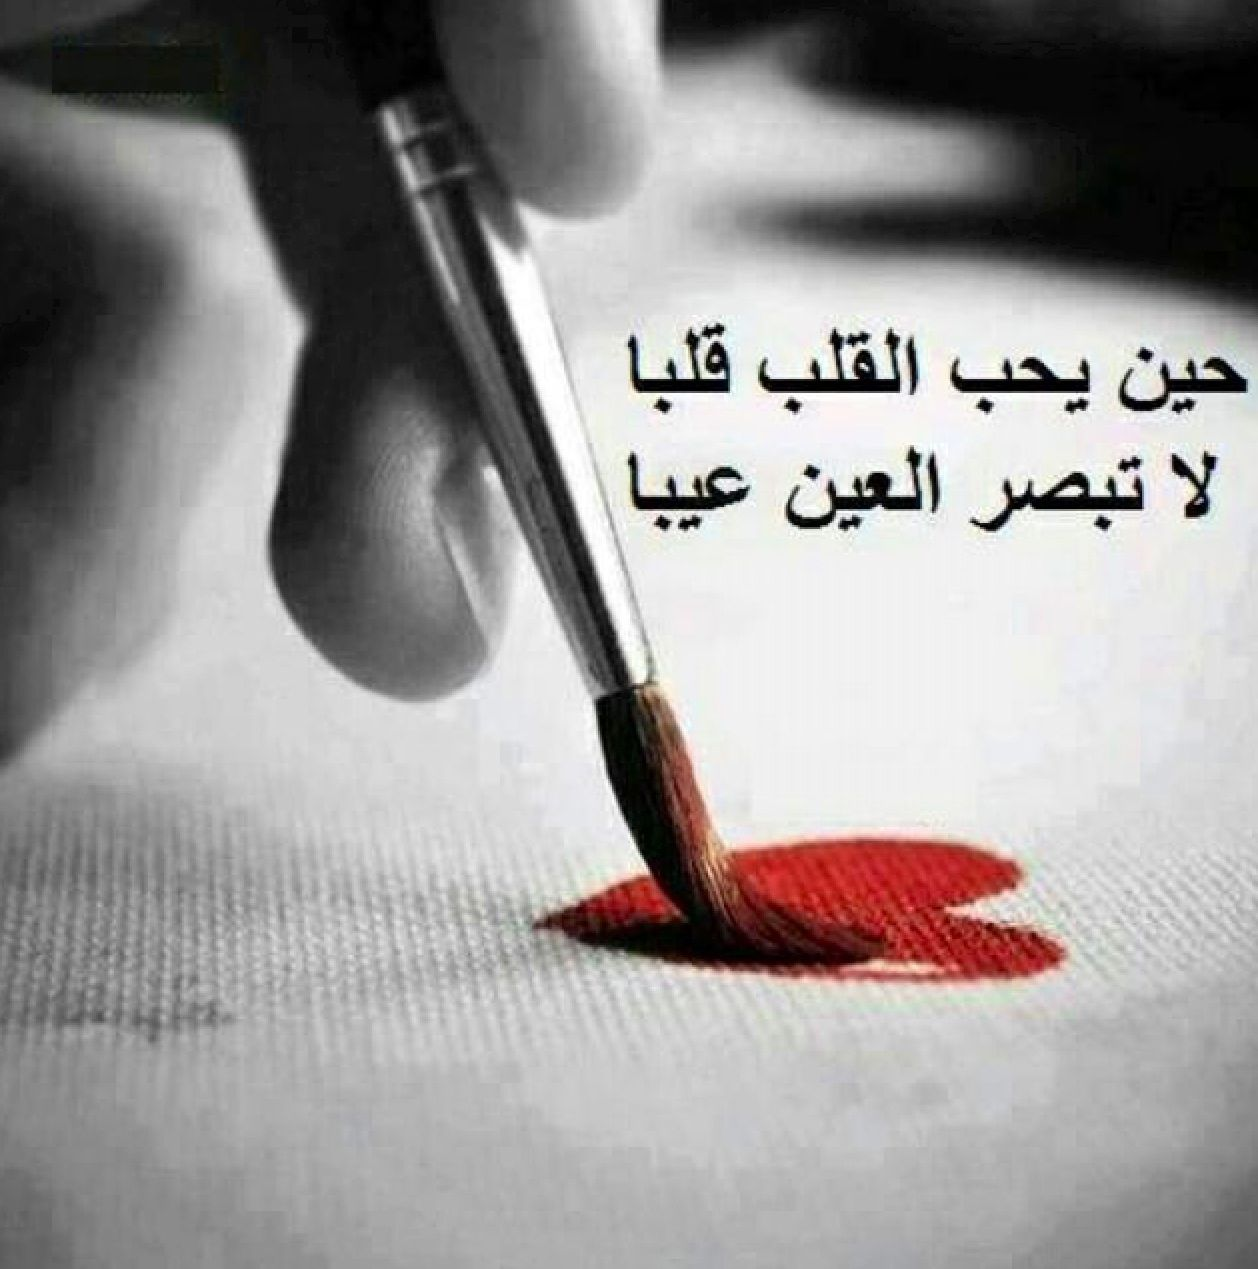 حين يحب القلب .. لا تبصر العين